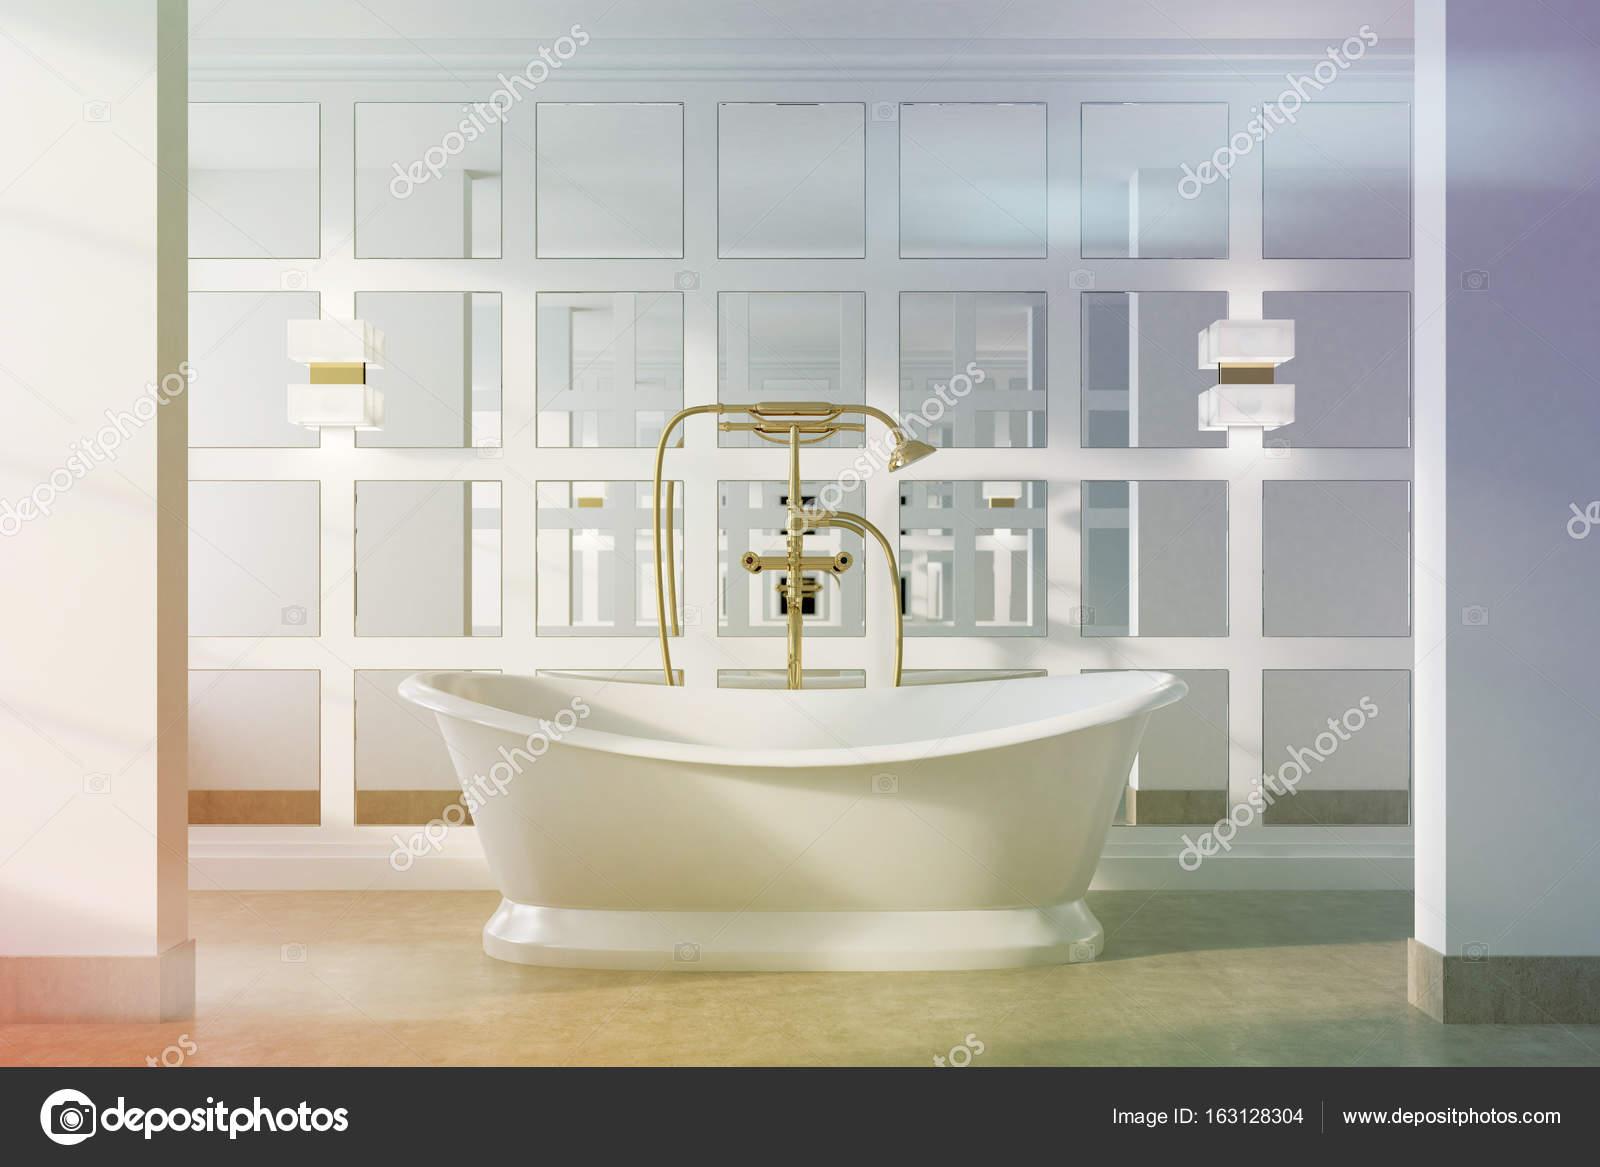 Vasca da bagno vintage bianco tonico  Foto Stock